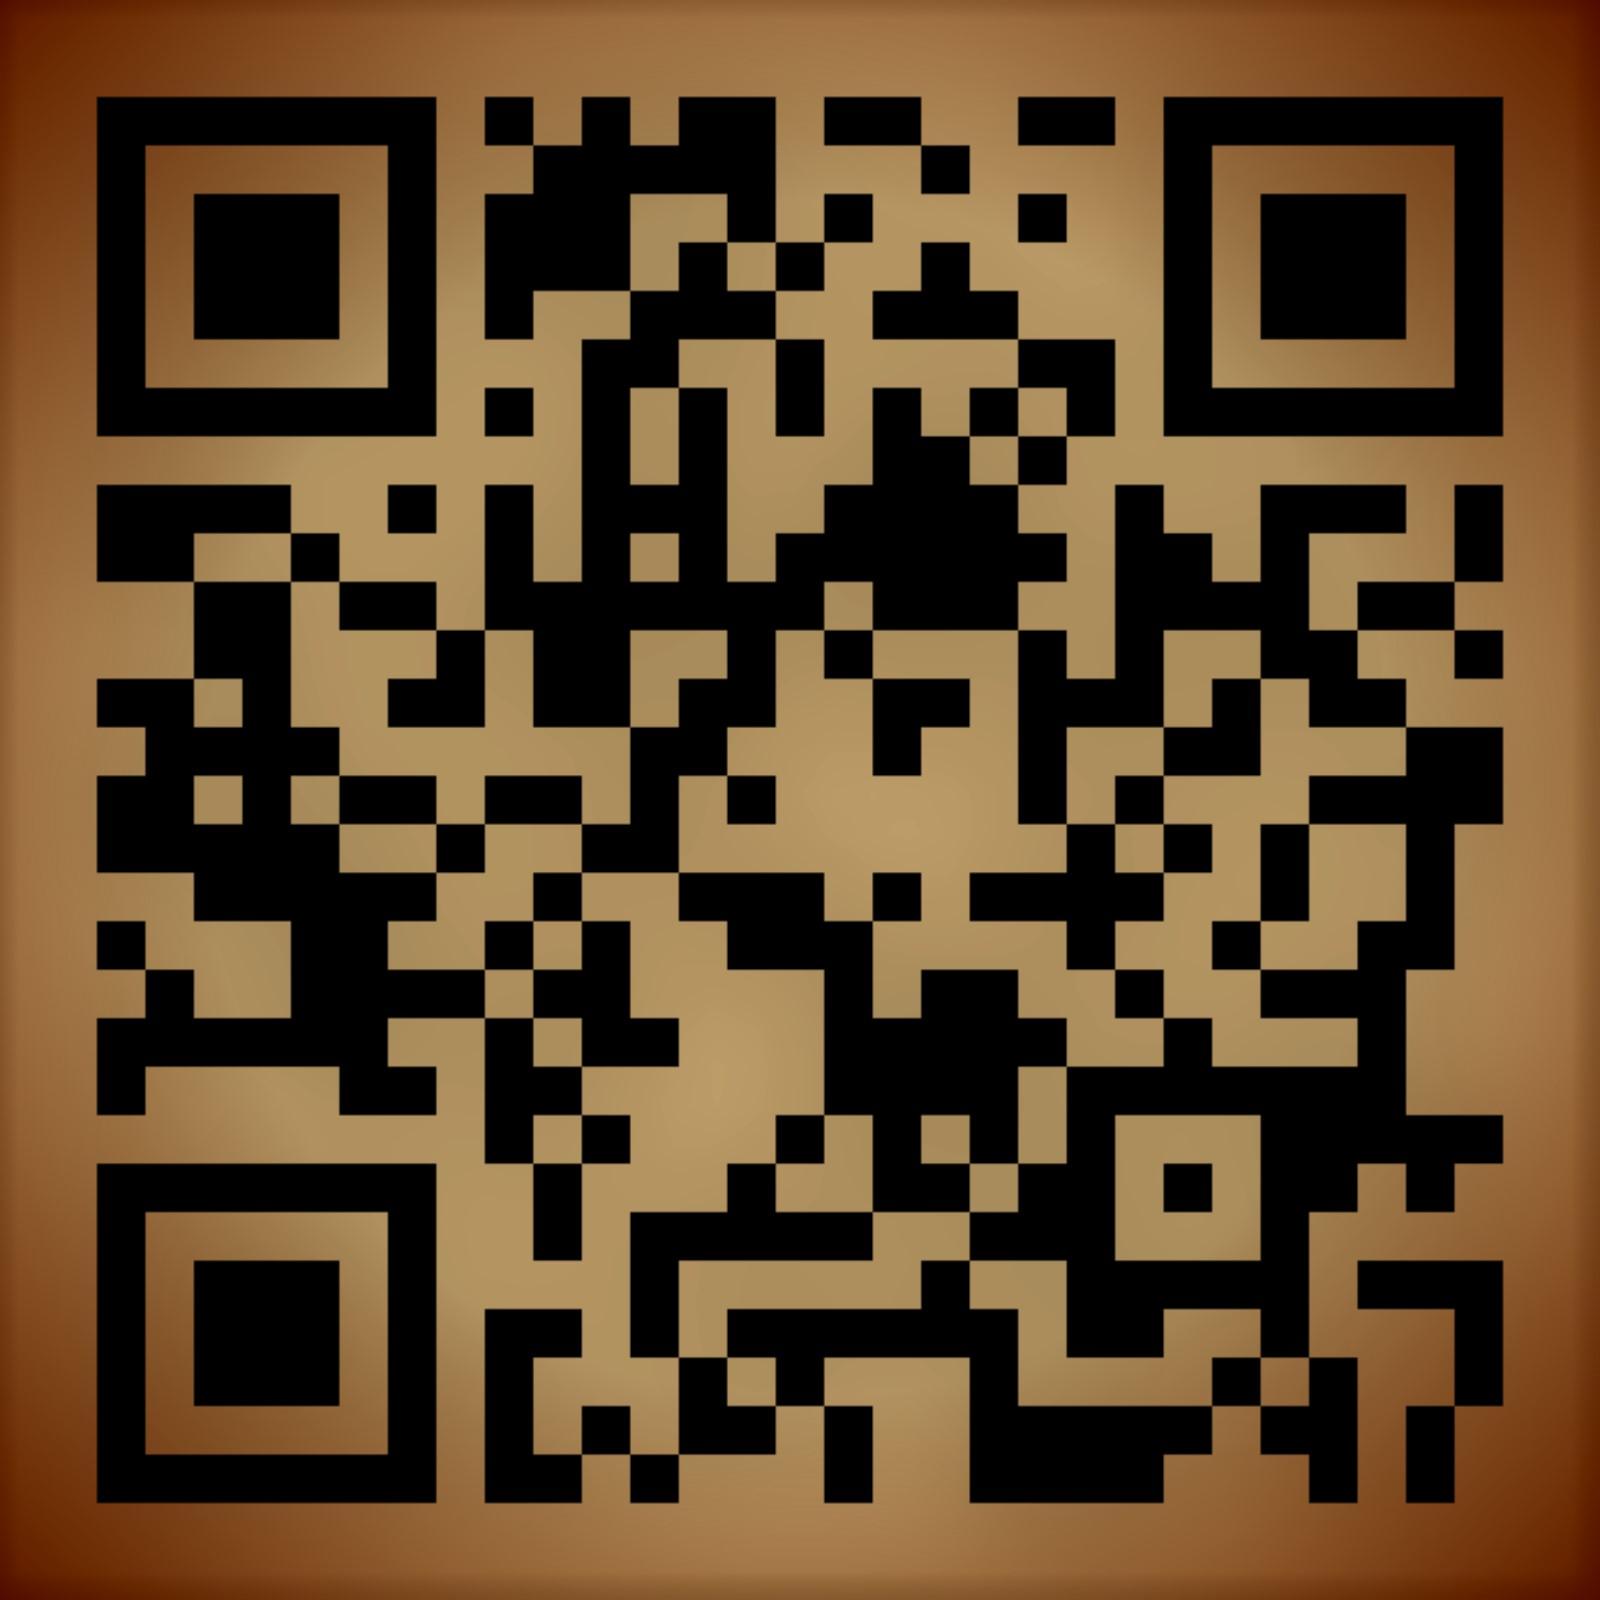 3439934058?profile=original